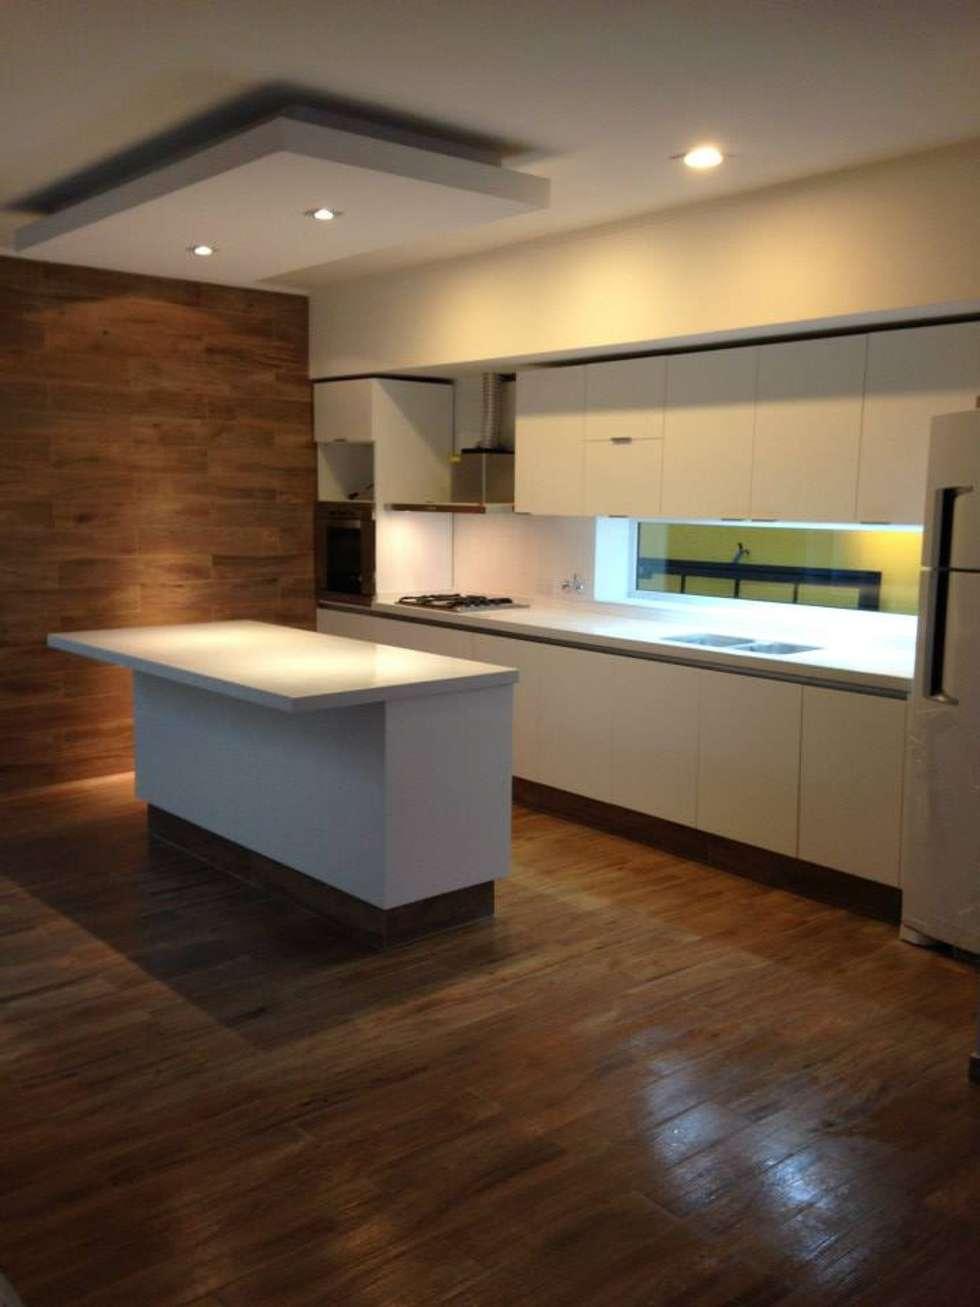 Cocina Blanca: Cocinas de estilo minimalista por MOBILFE